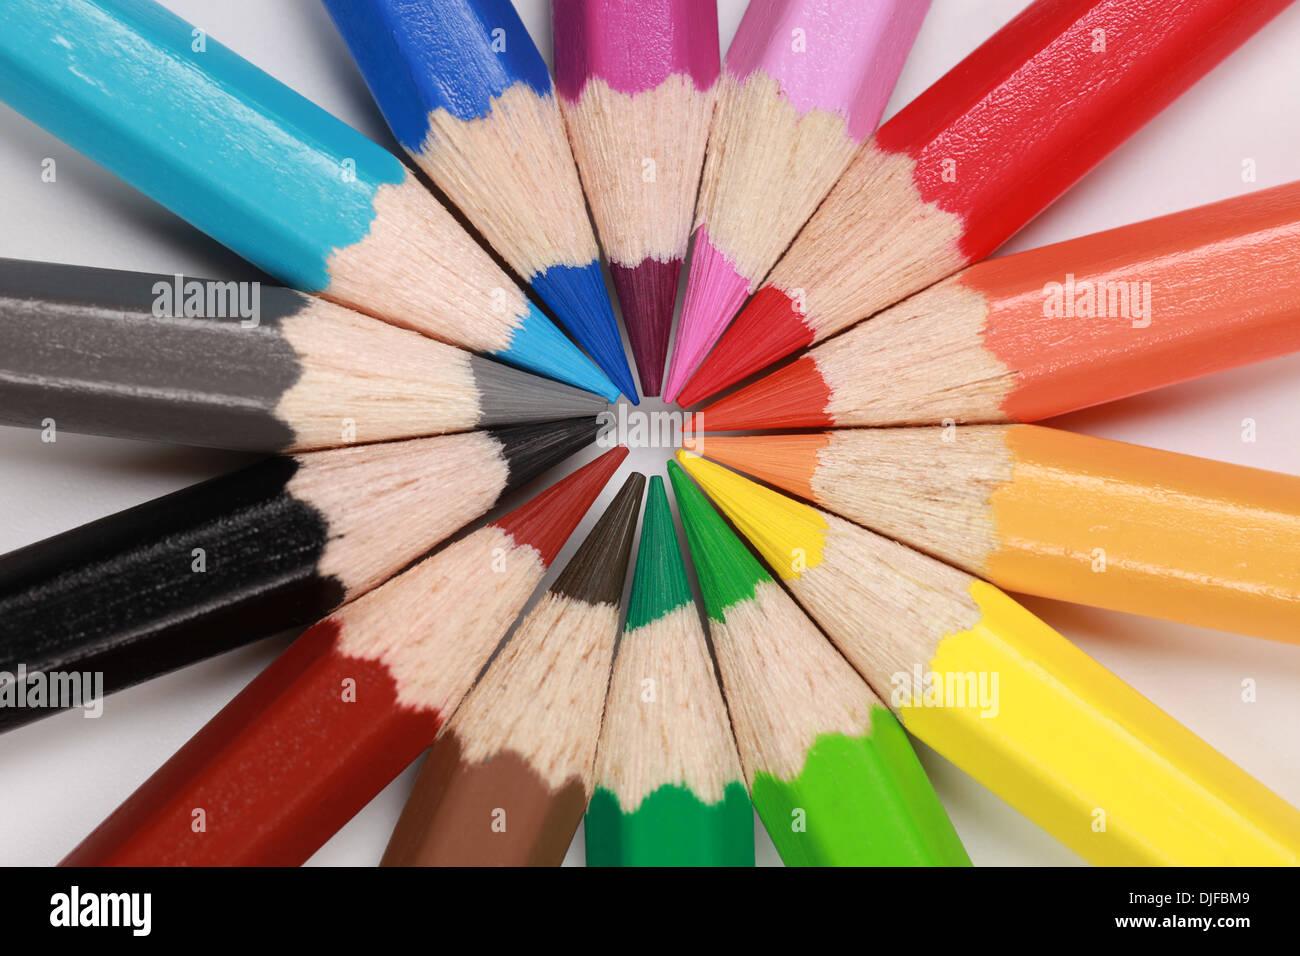 Matite colorate in fila formando un cerchio Immagini Stock